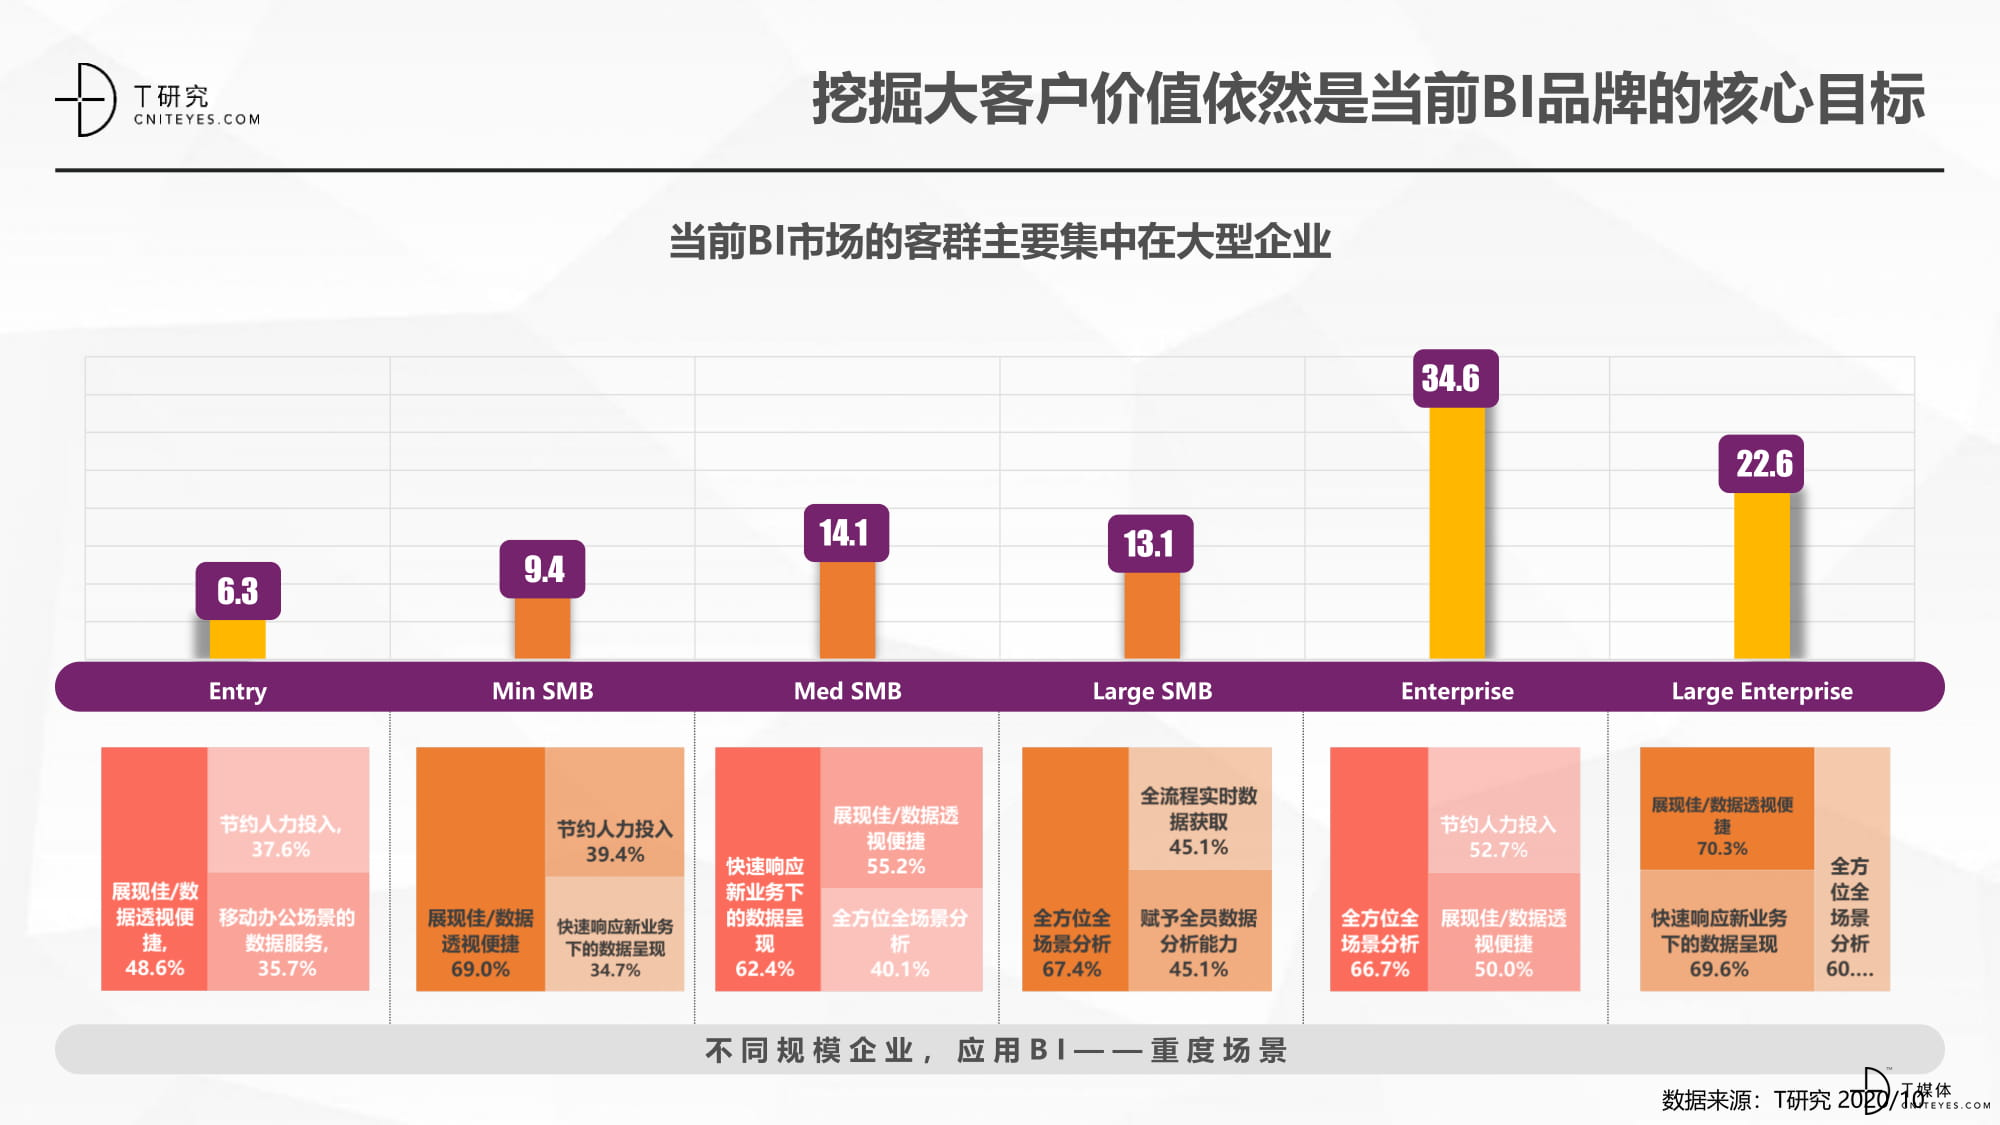 2020中国BI指数测评报告-16.jpg